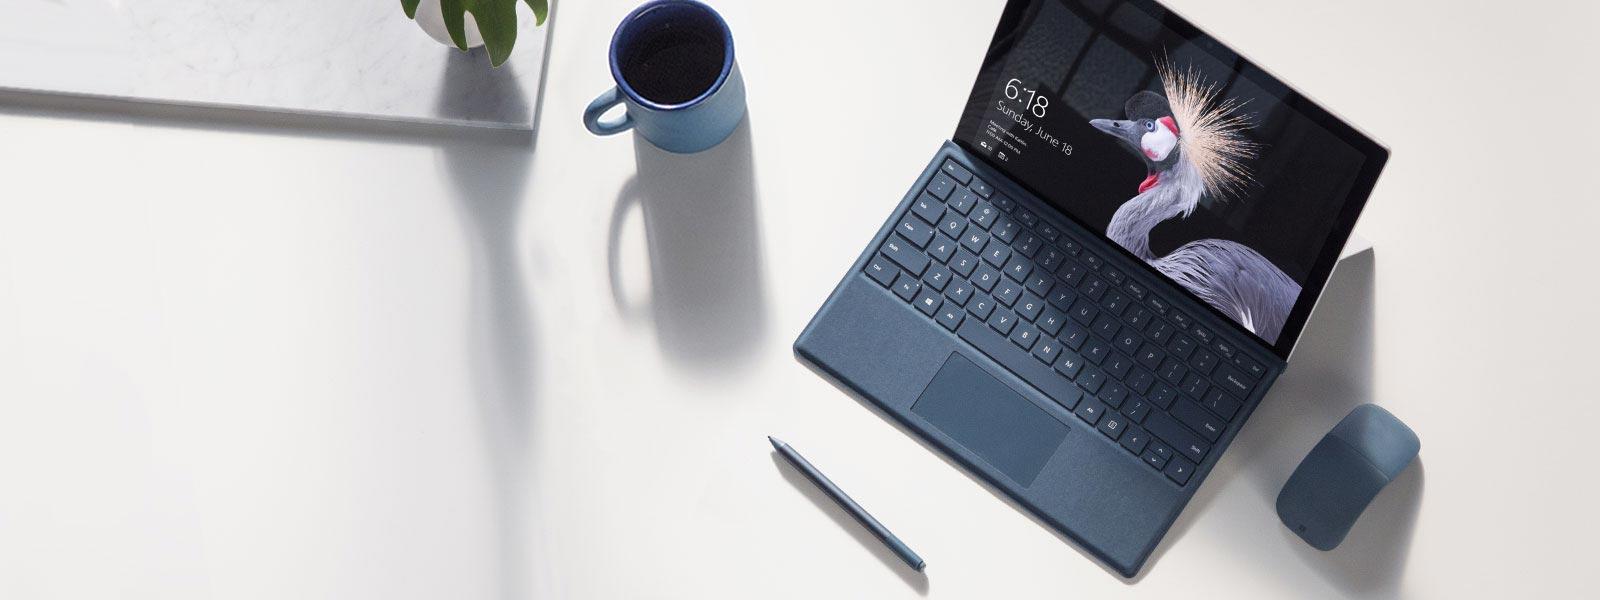 Surface Pro 放在桌上